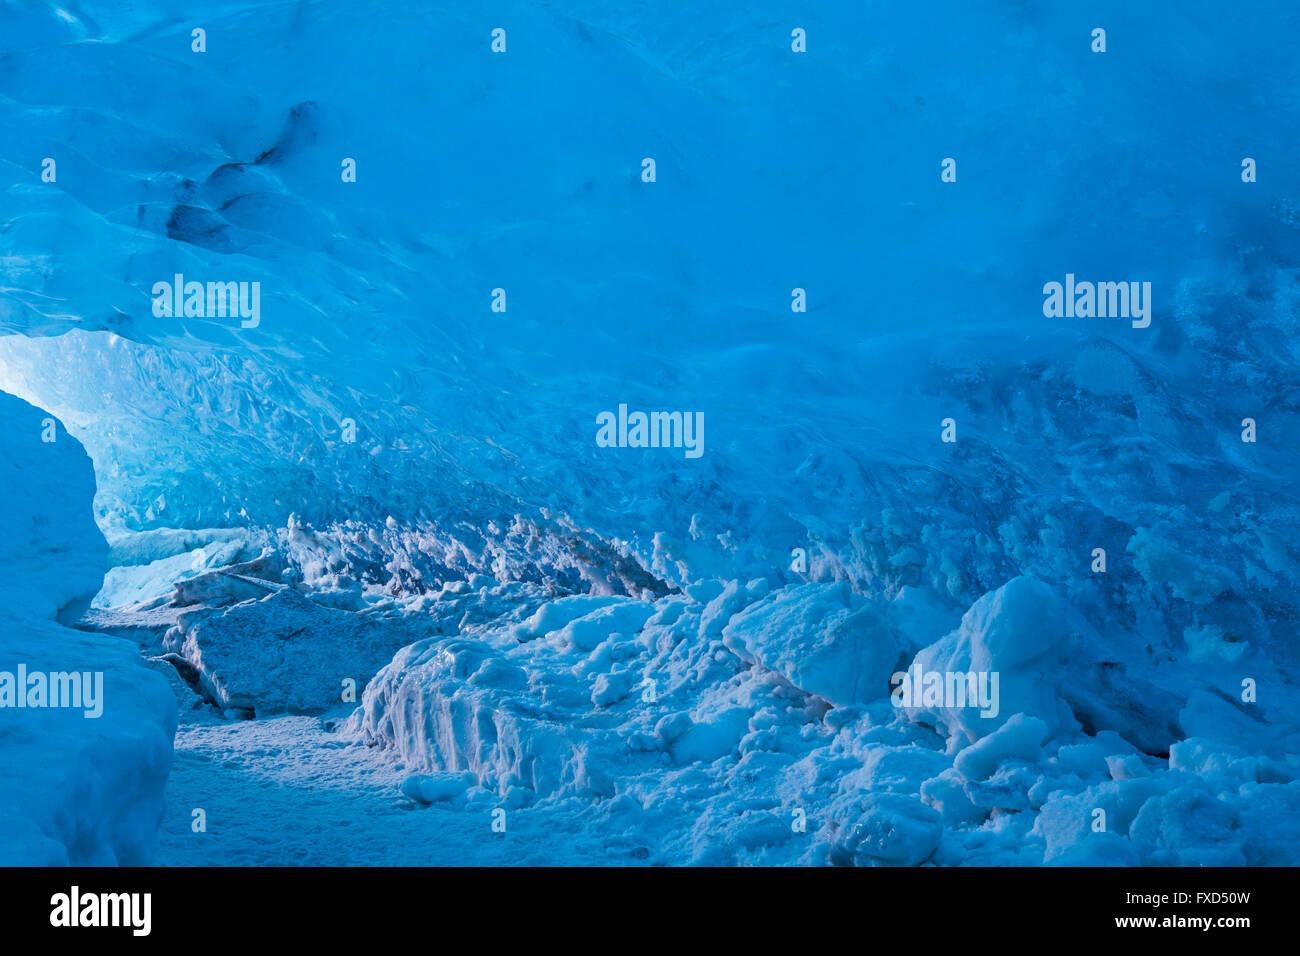 Blue ice in ice cavern inside Breidamerkurjokull, outlet glacier of Vatnajökull / Vatna Glacier on Iceland - Stock Image